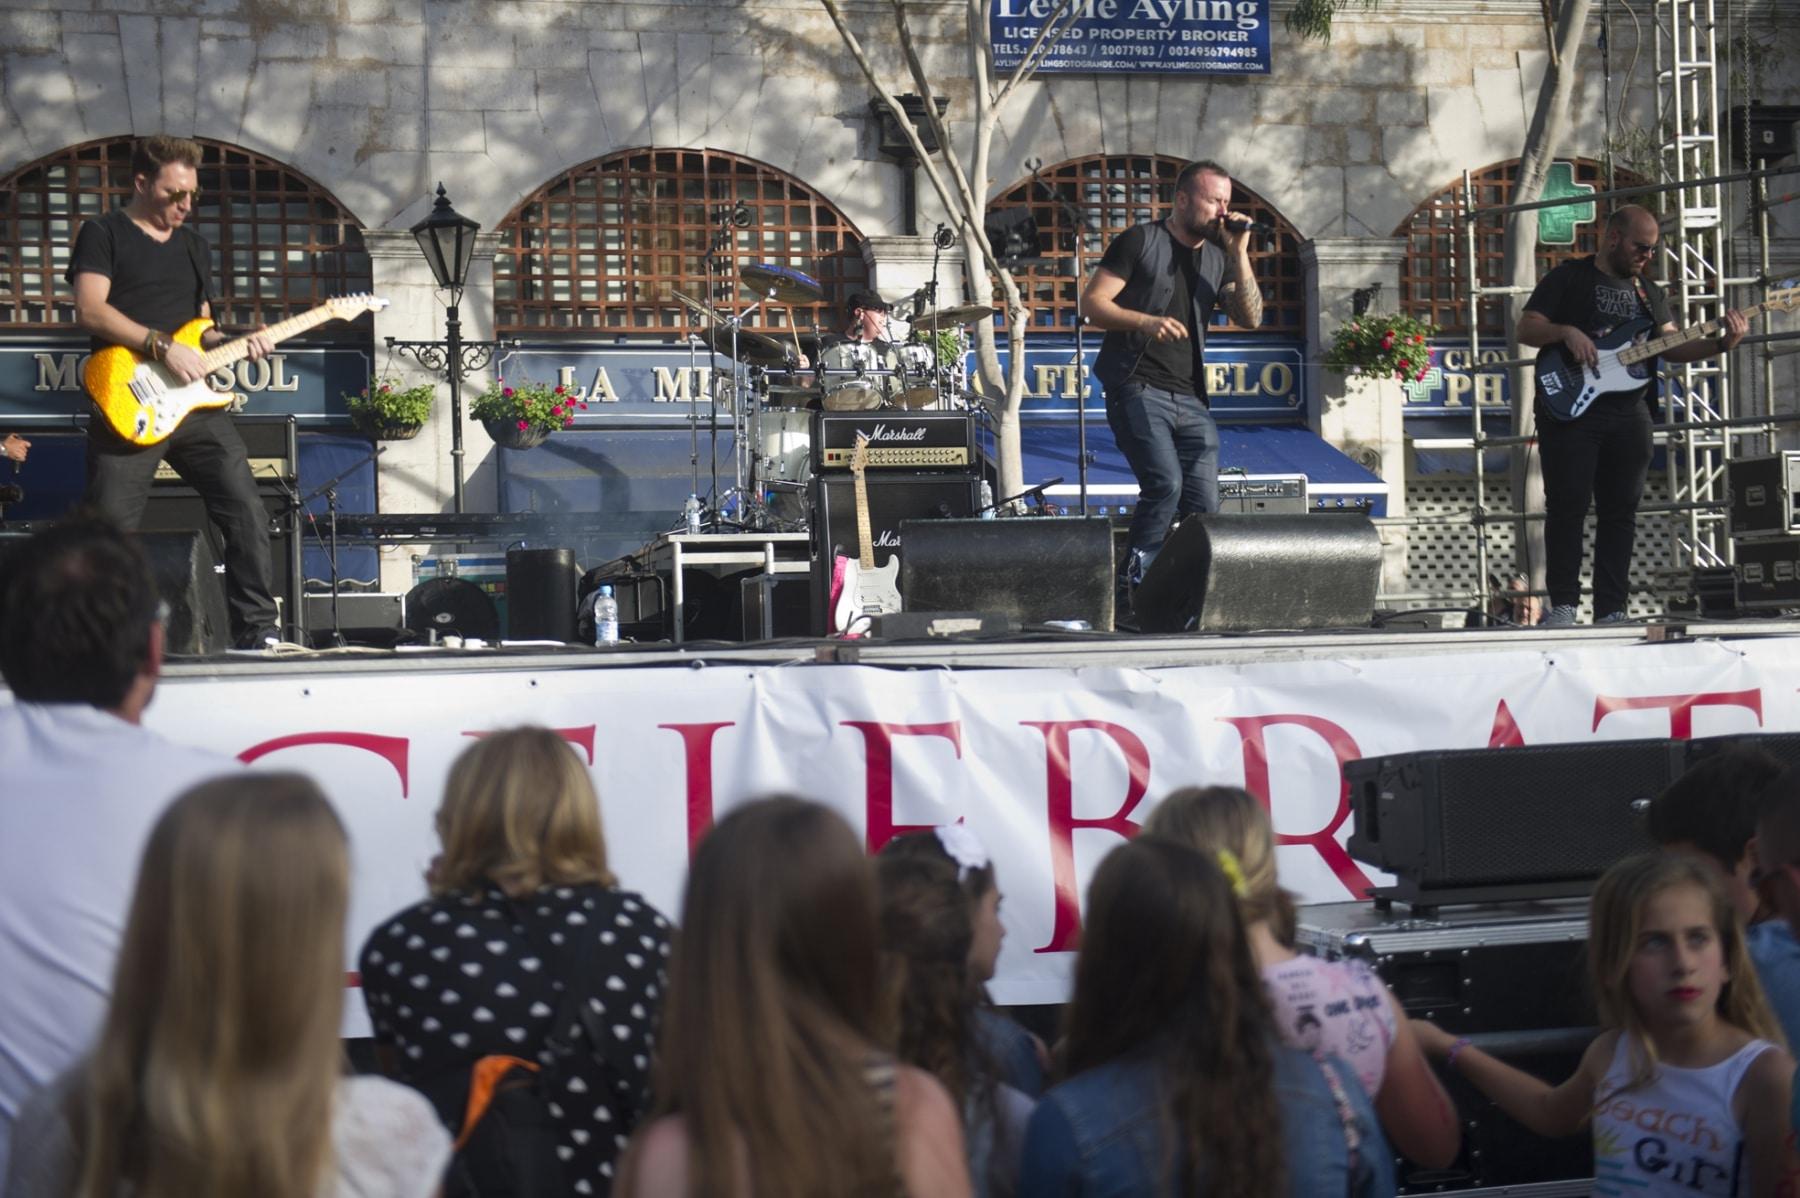 fiesta-del-1-de-mayo-en-gibraltar-01052015-17_17364121891_o